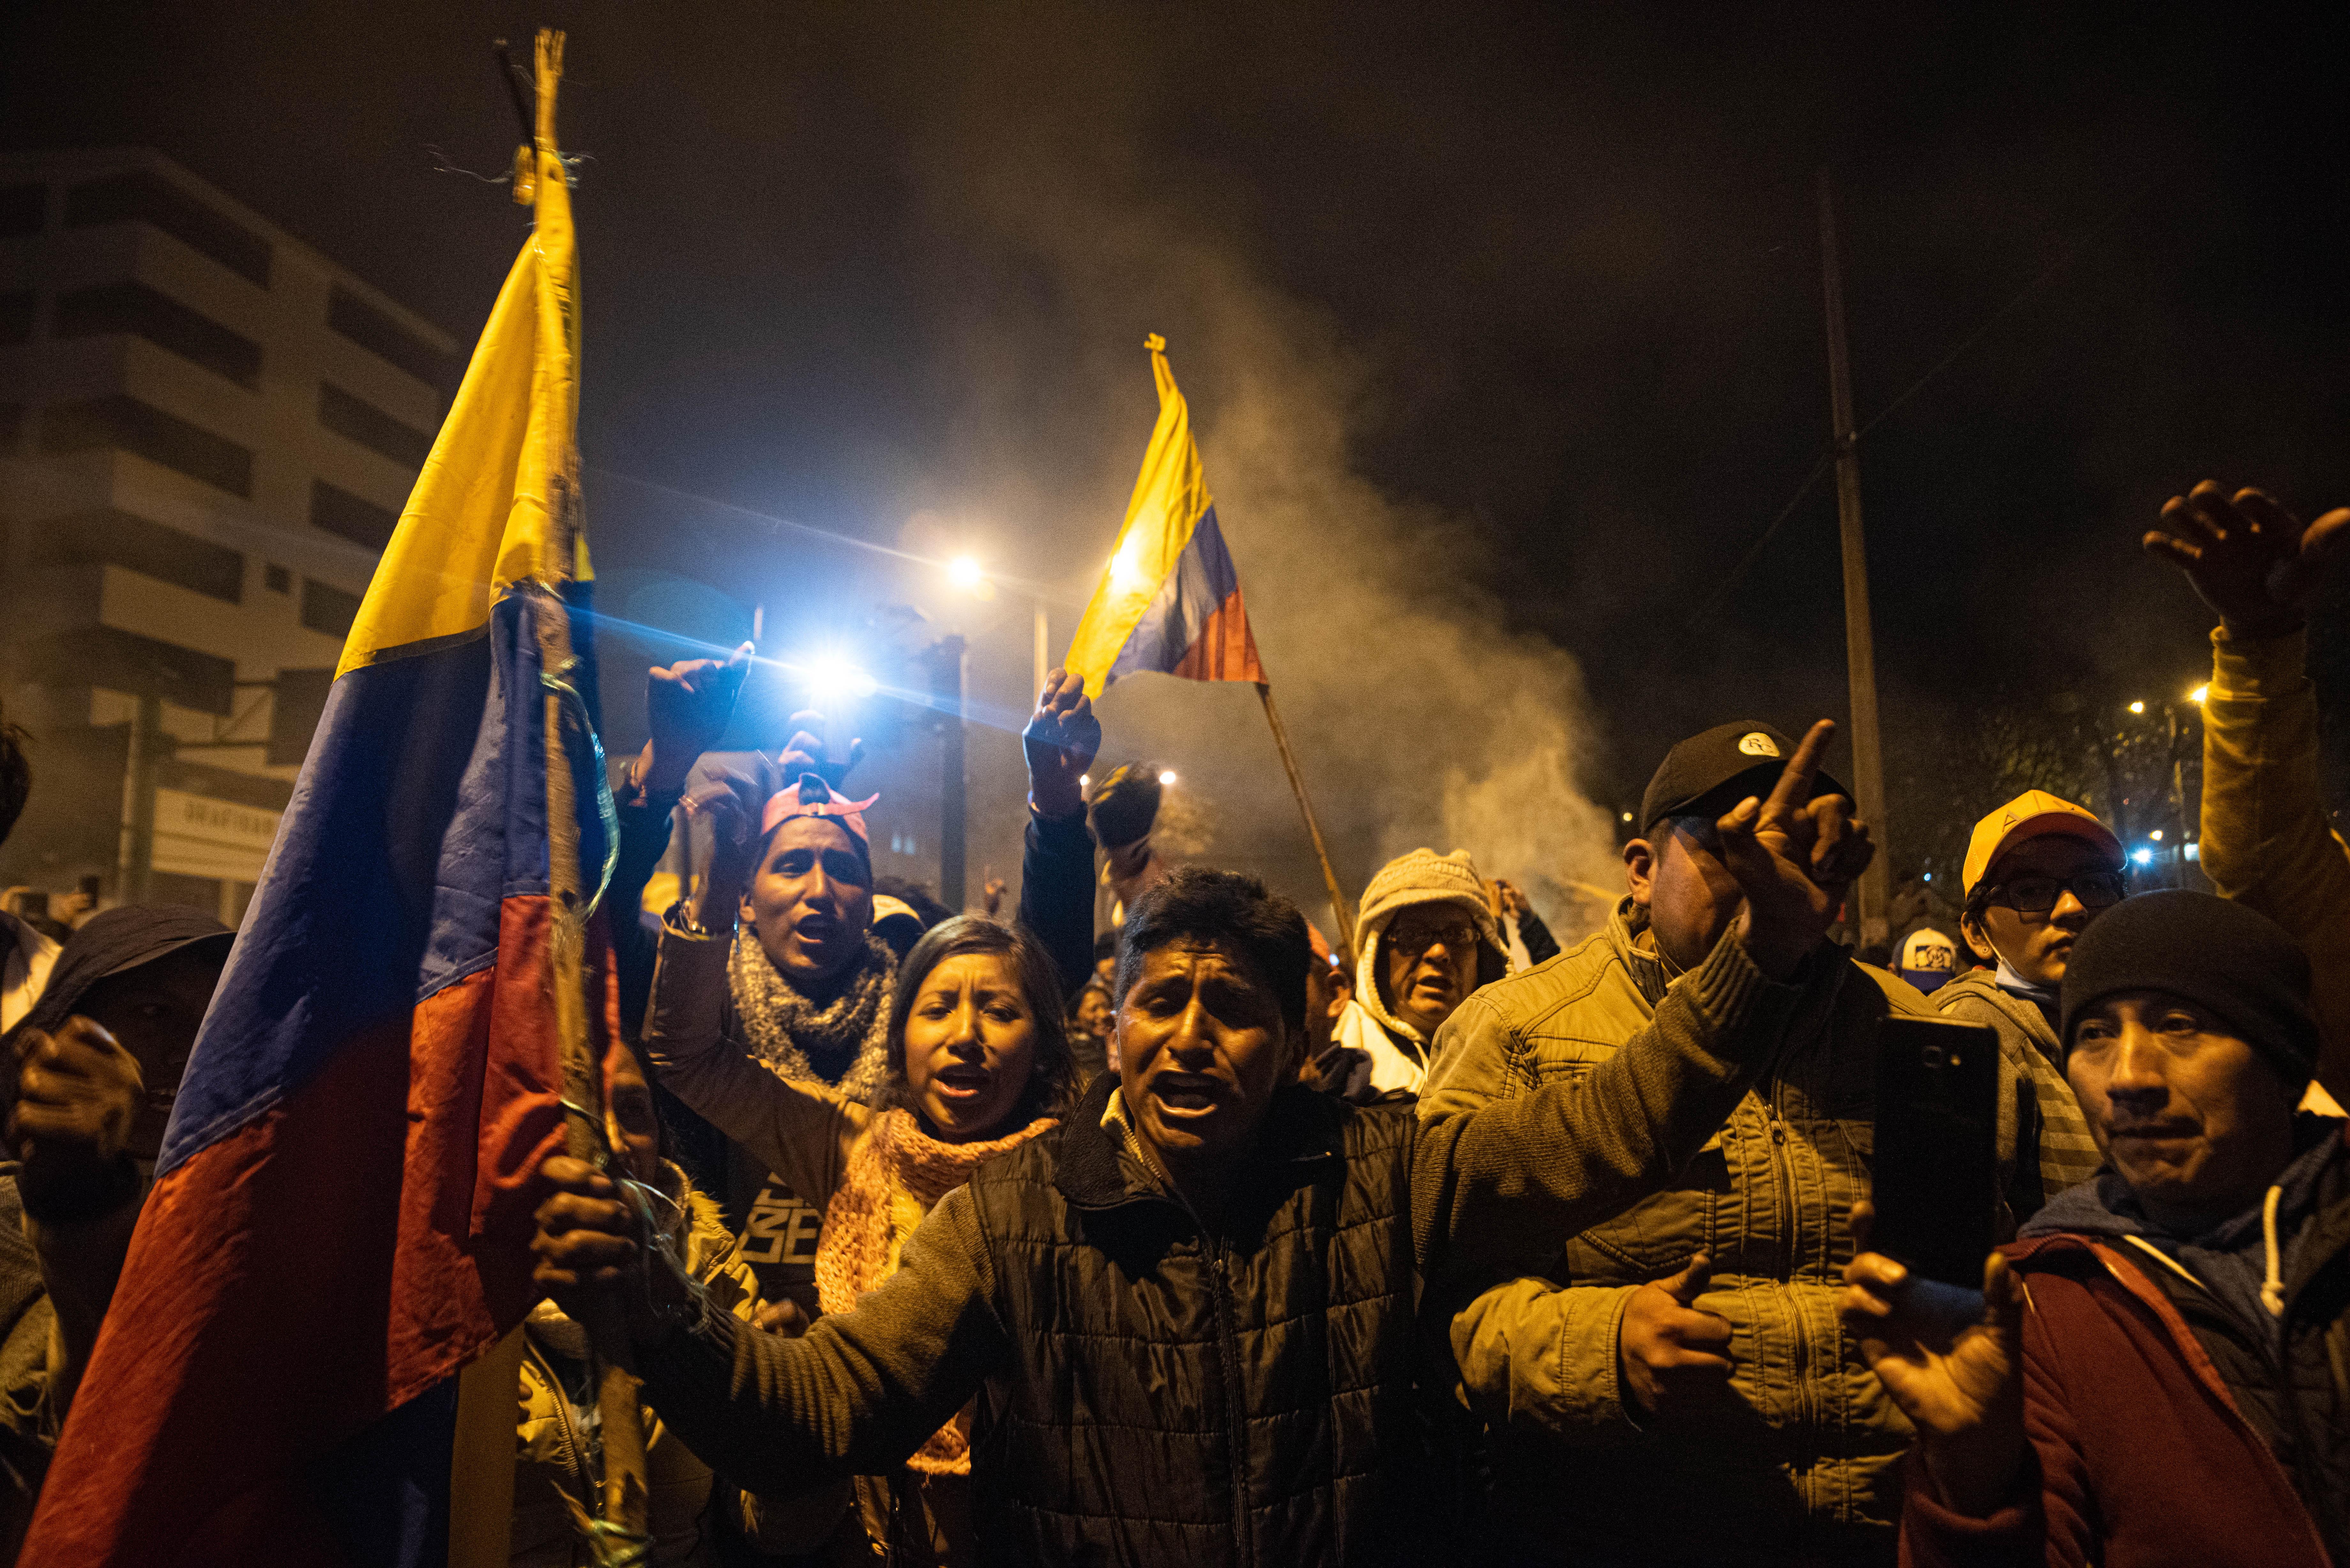 El anuncio de un acuerdo rompió el rígido silencio del toque de queda que reinaba en Quito, Ecuador.